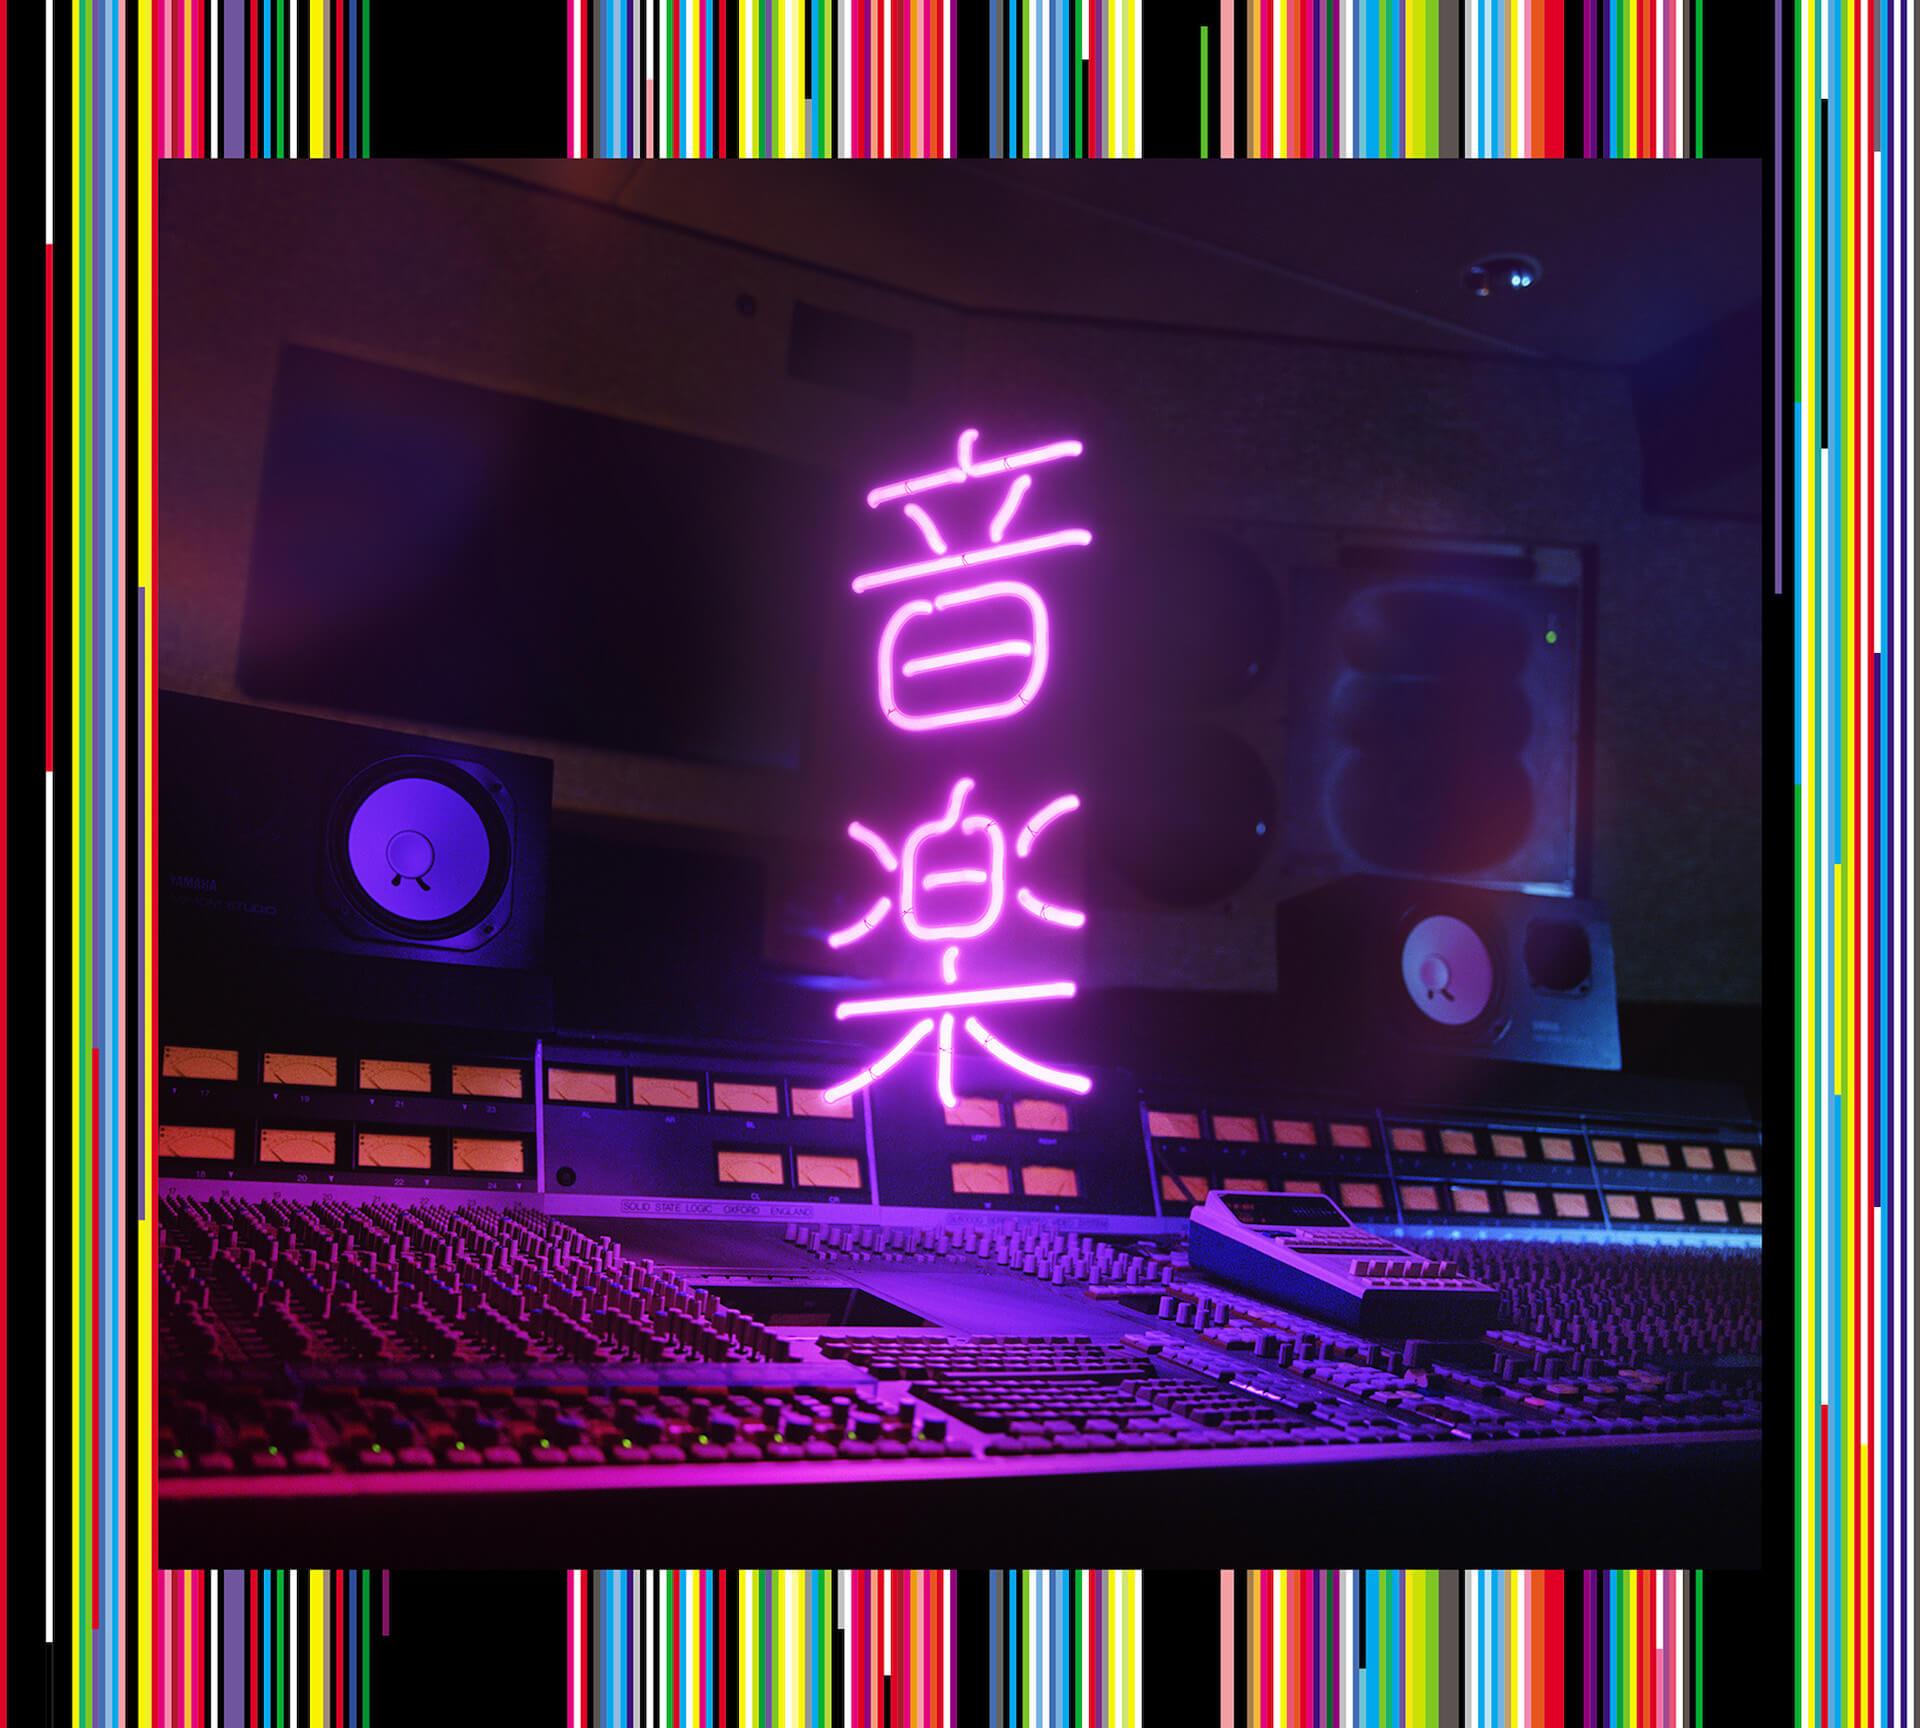 東京事変『音楽』の購入先着特典が一挙解禁!B2サイズポスターやポストカードなどラインナップ music210524_tokyoincident_9